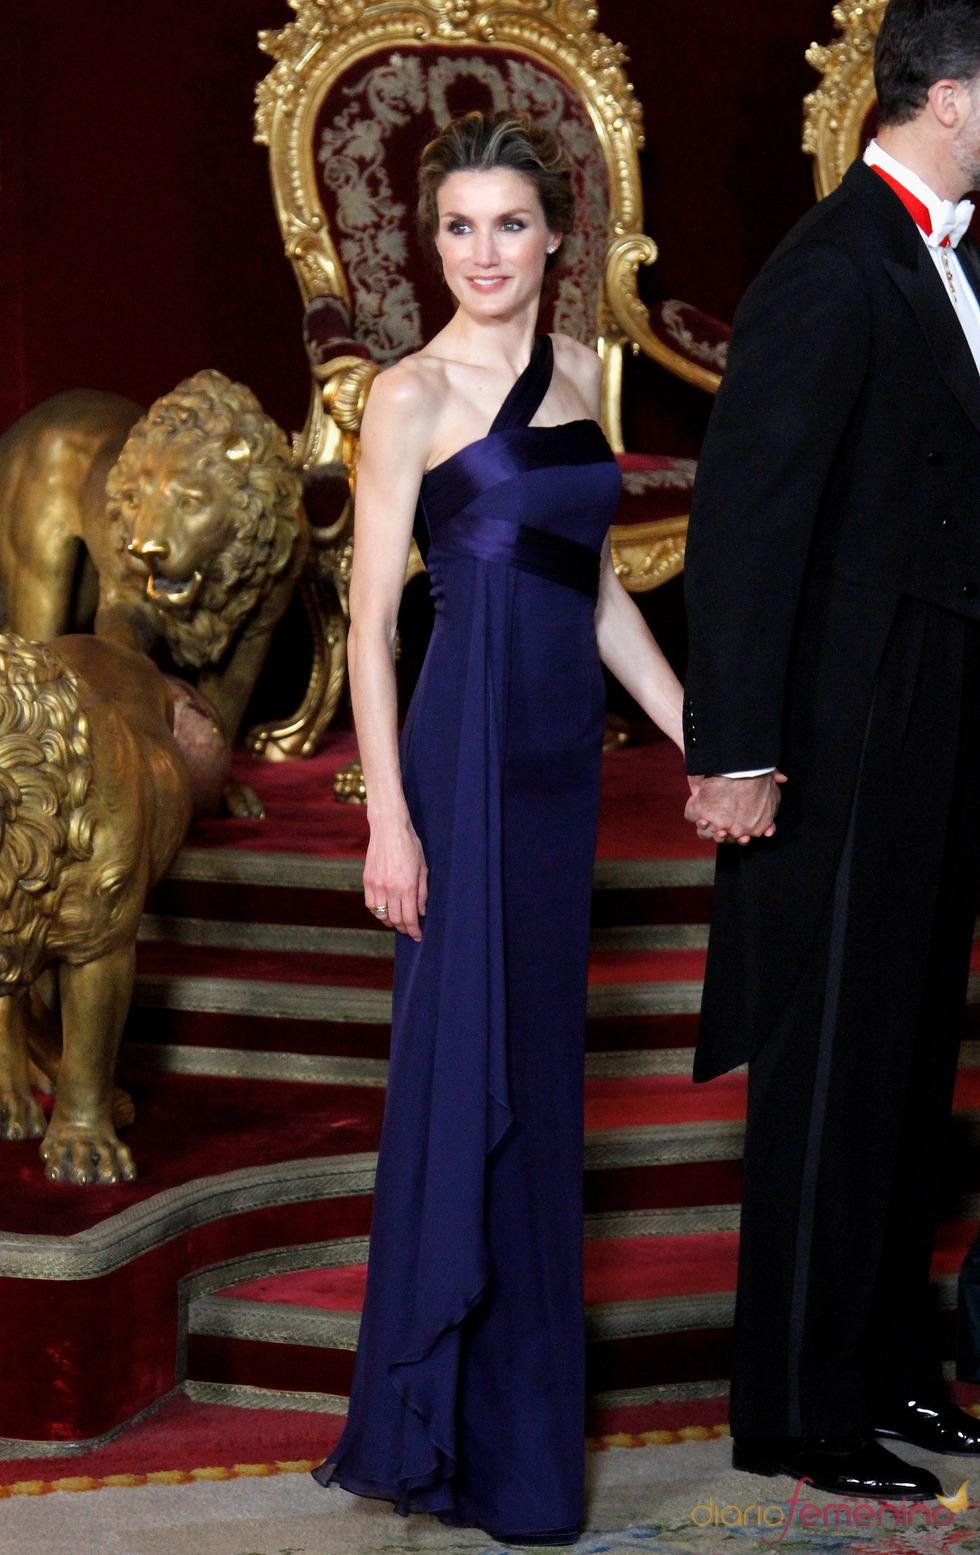 El 'look' de la Princesa Letizia en la cena de gala en honor al emir de Qatar